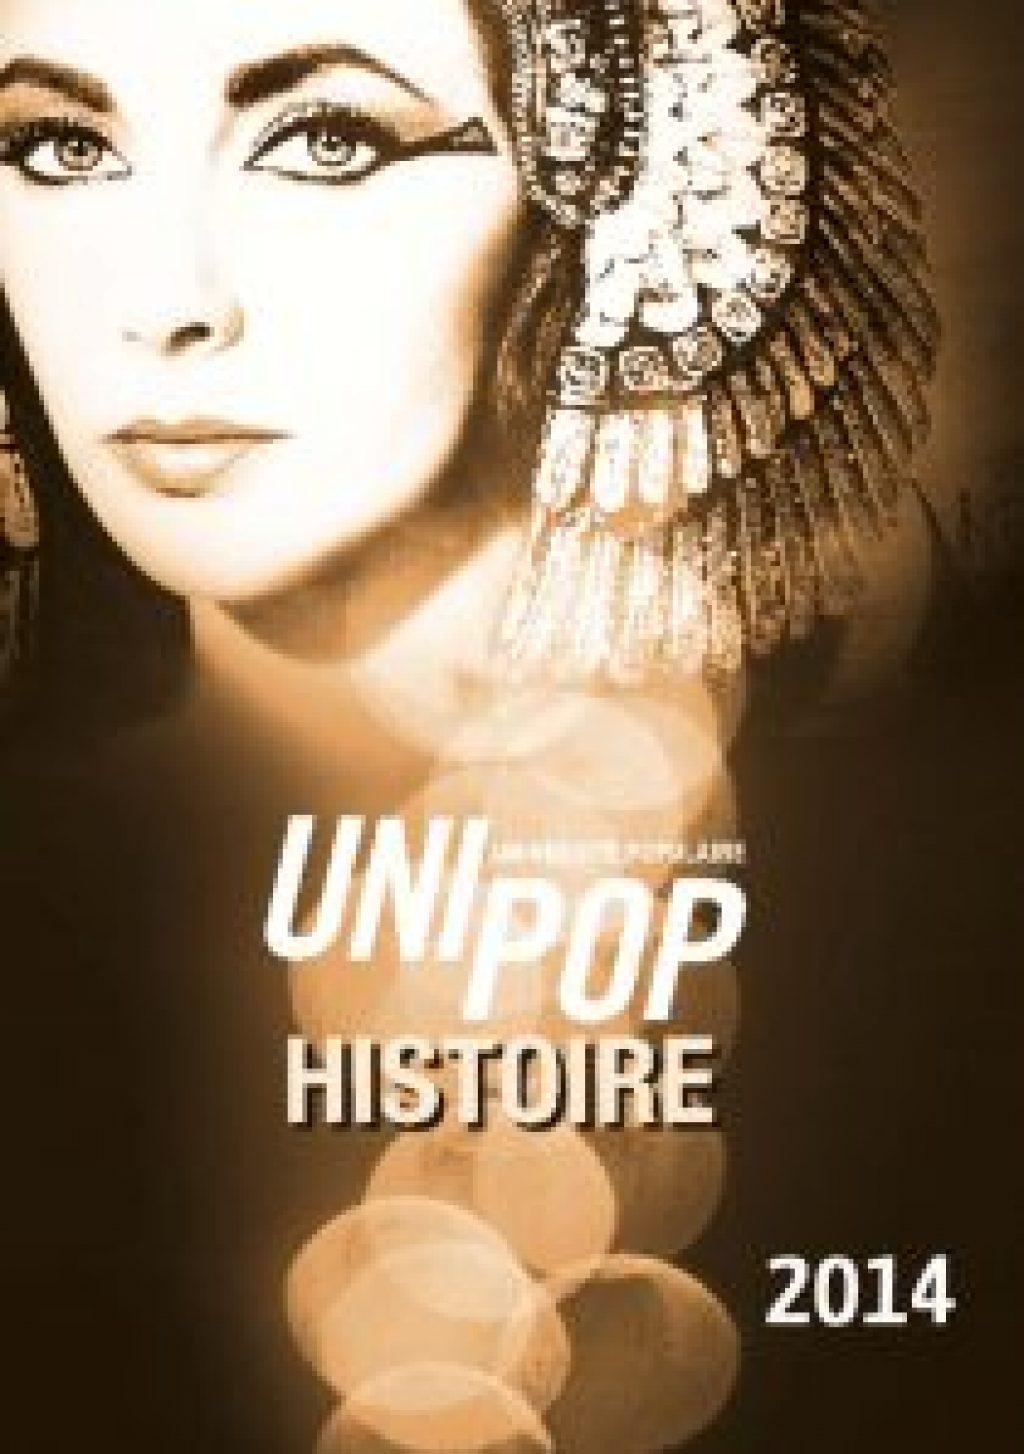 Unipop Unipop histoire 2014-2015